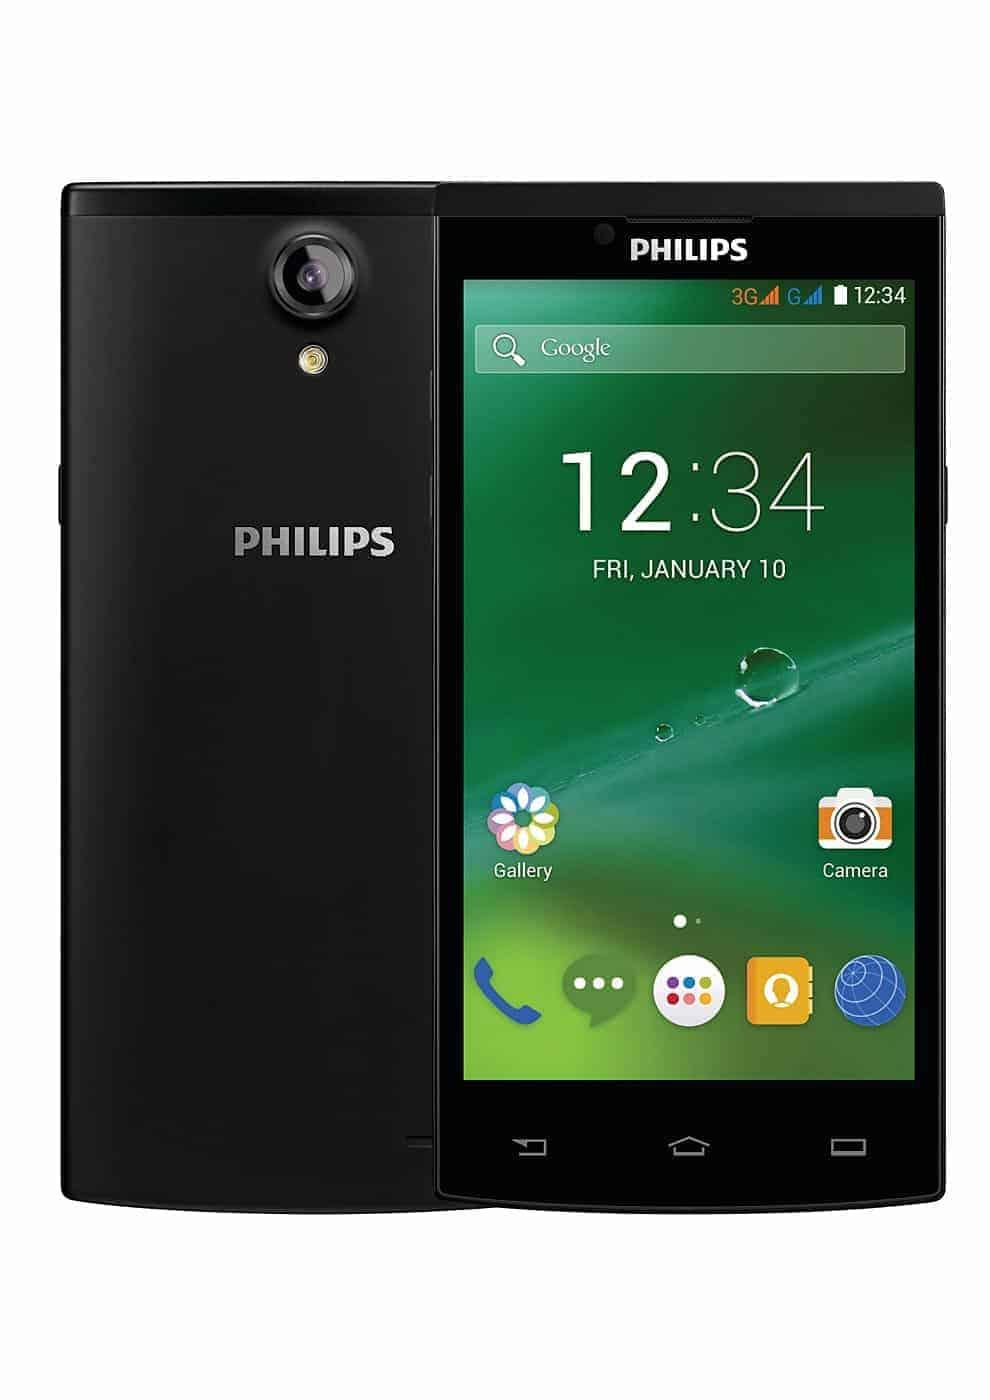 Philips_S398_3